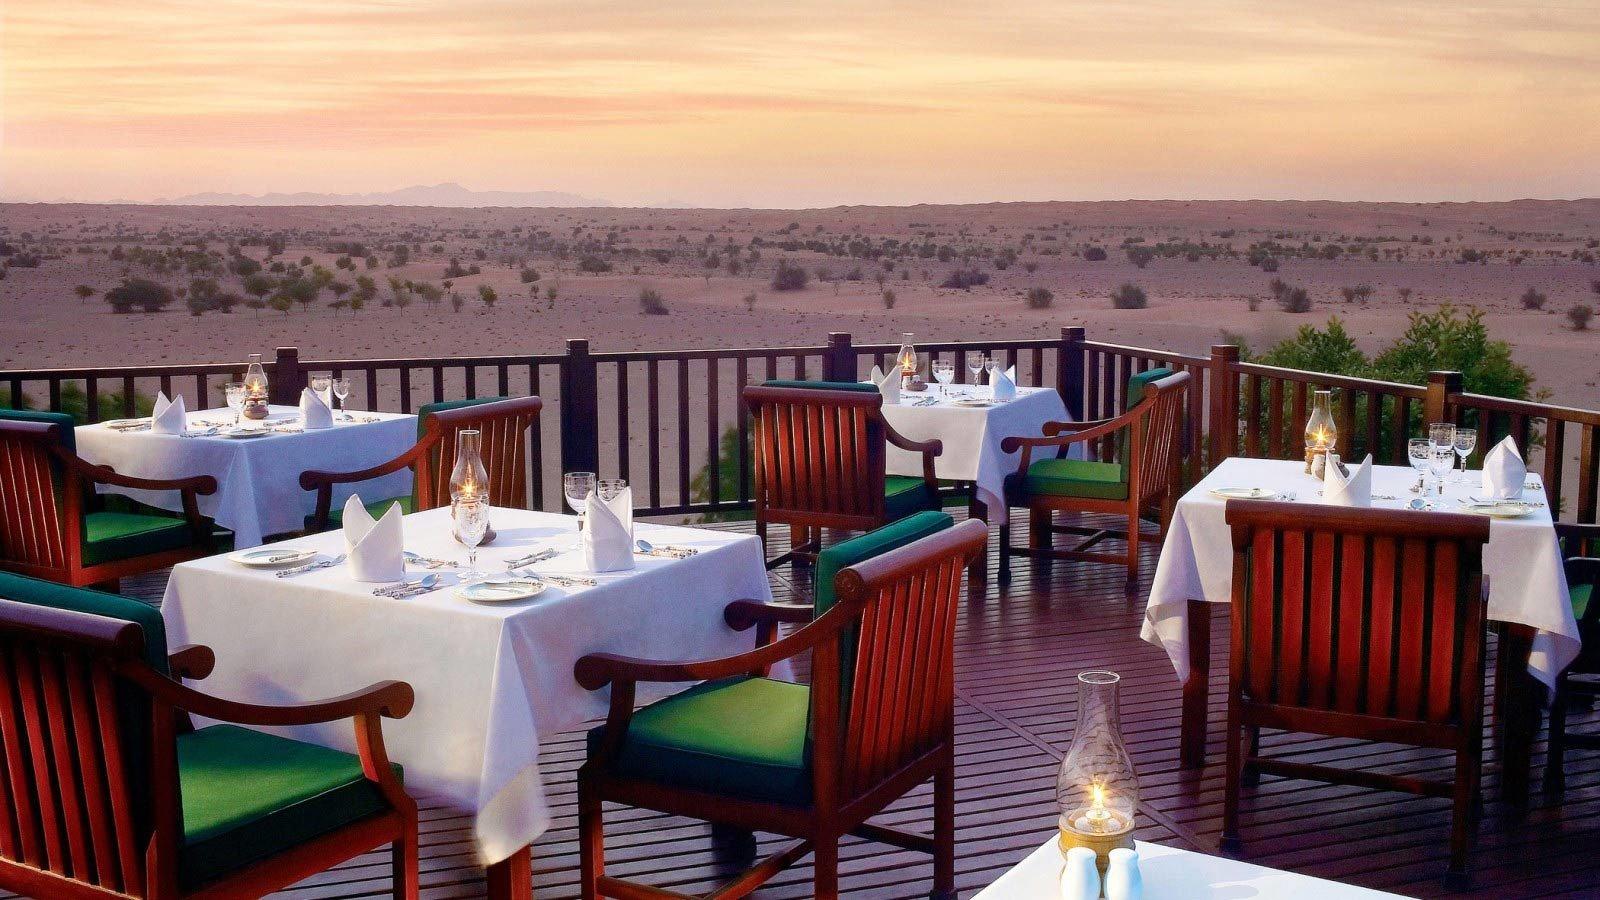 restaurant Resort leisure